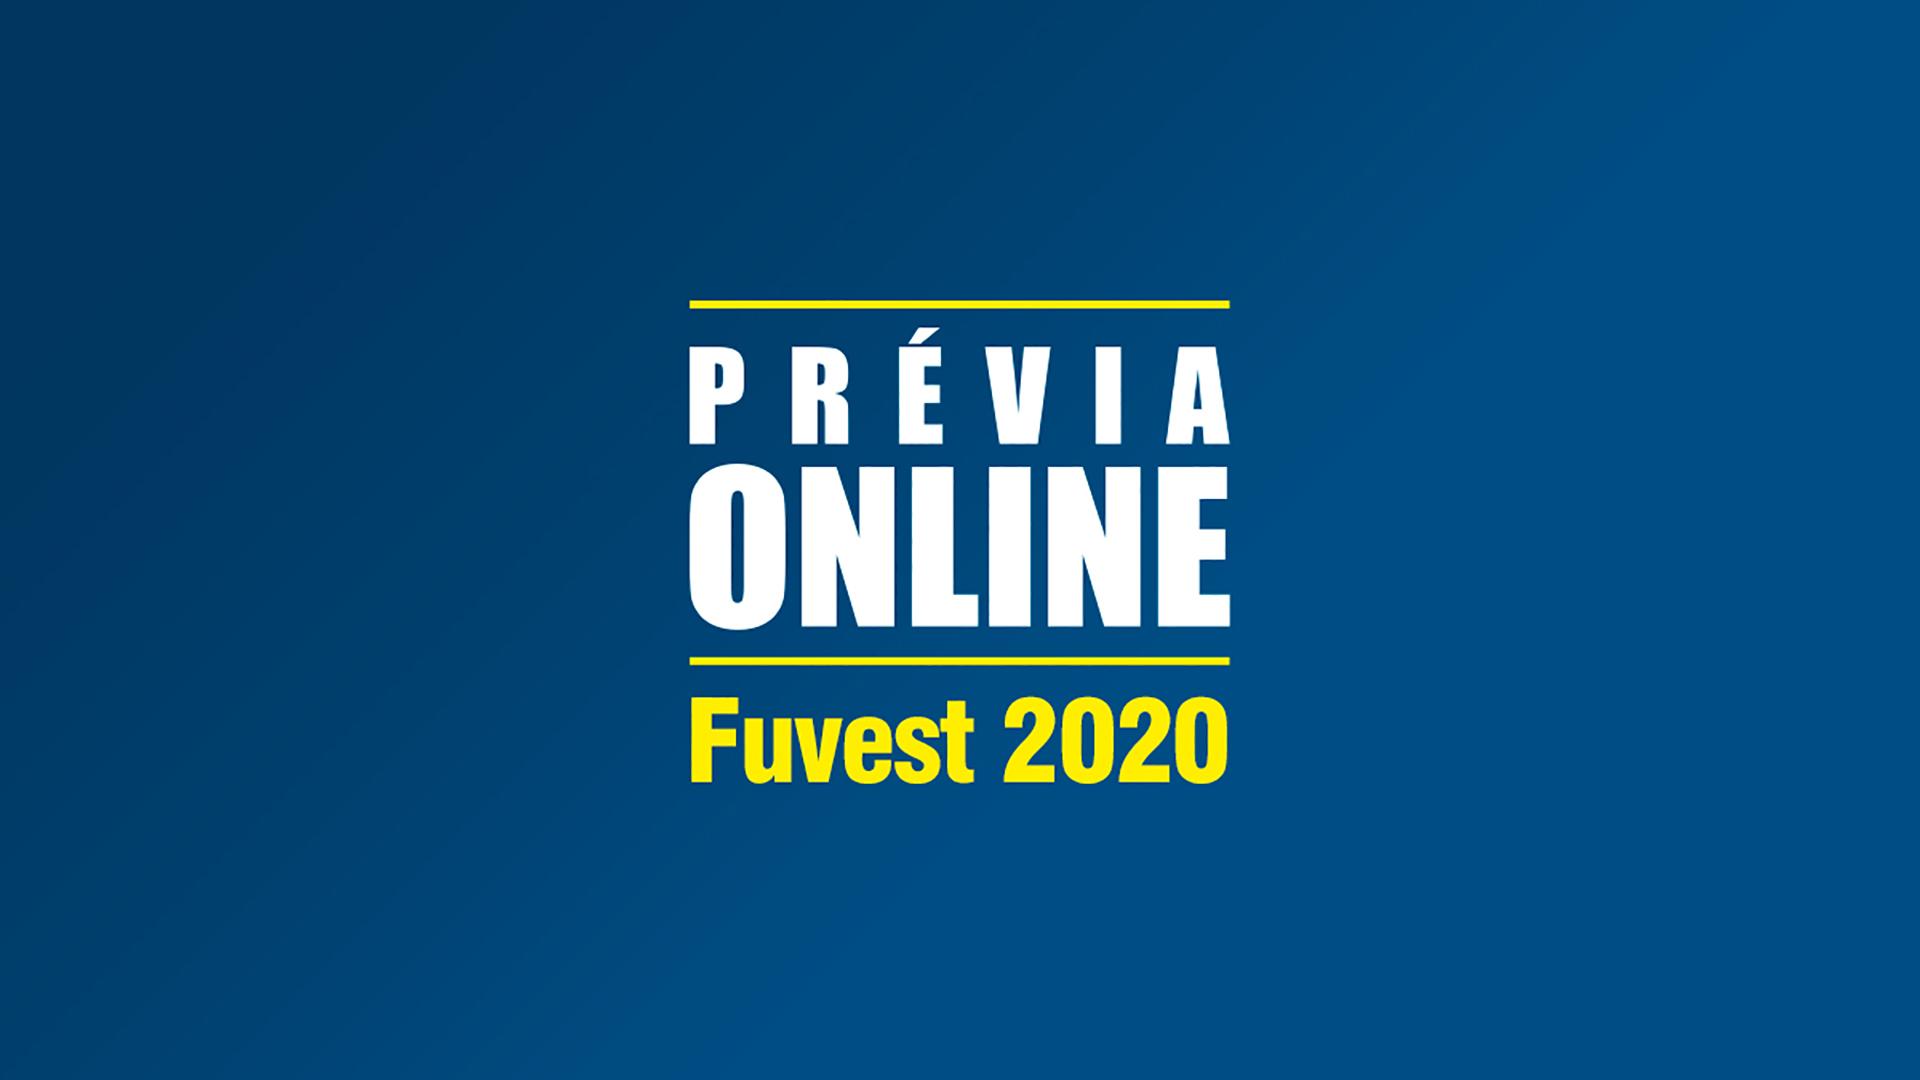 Fuvest 2020: prévia antecipou tendências